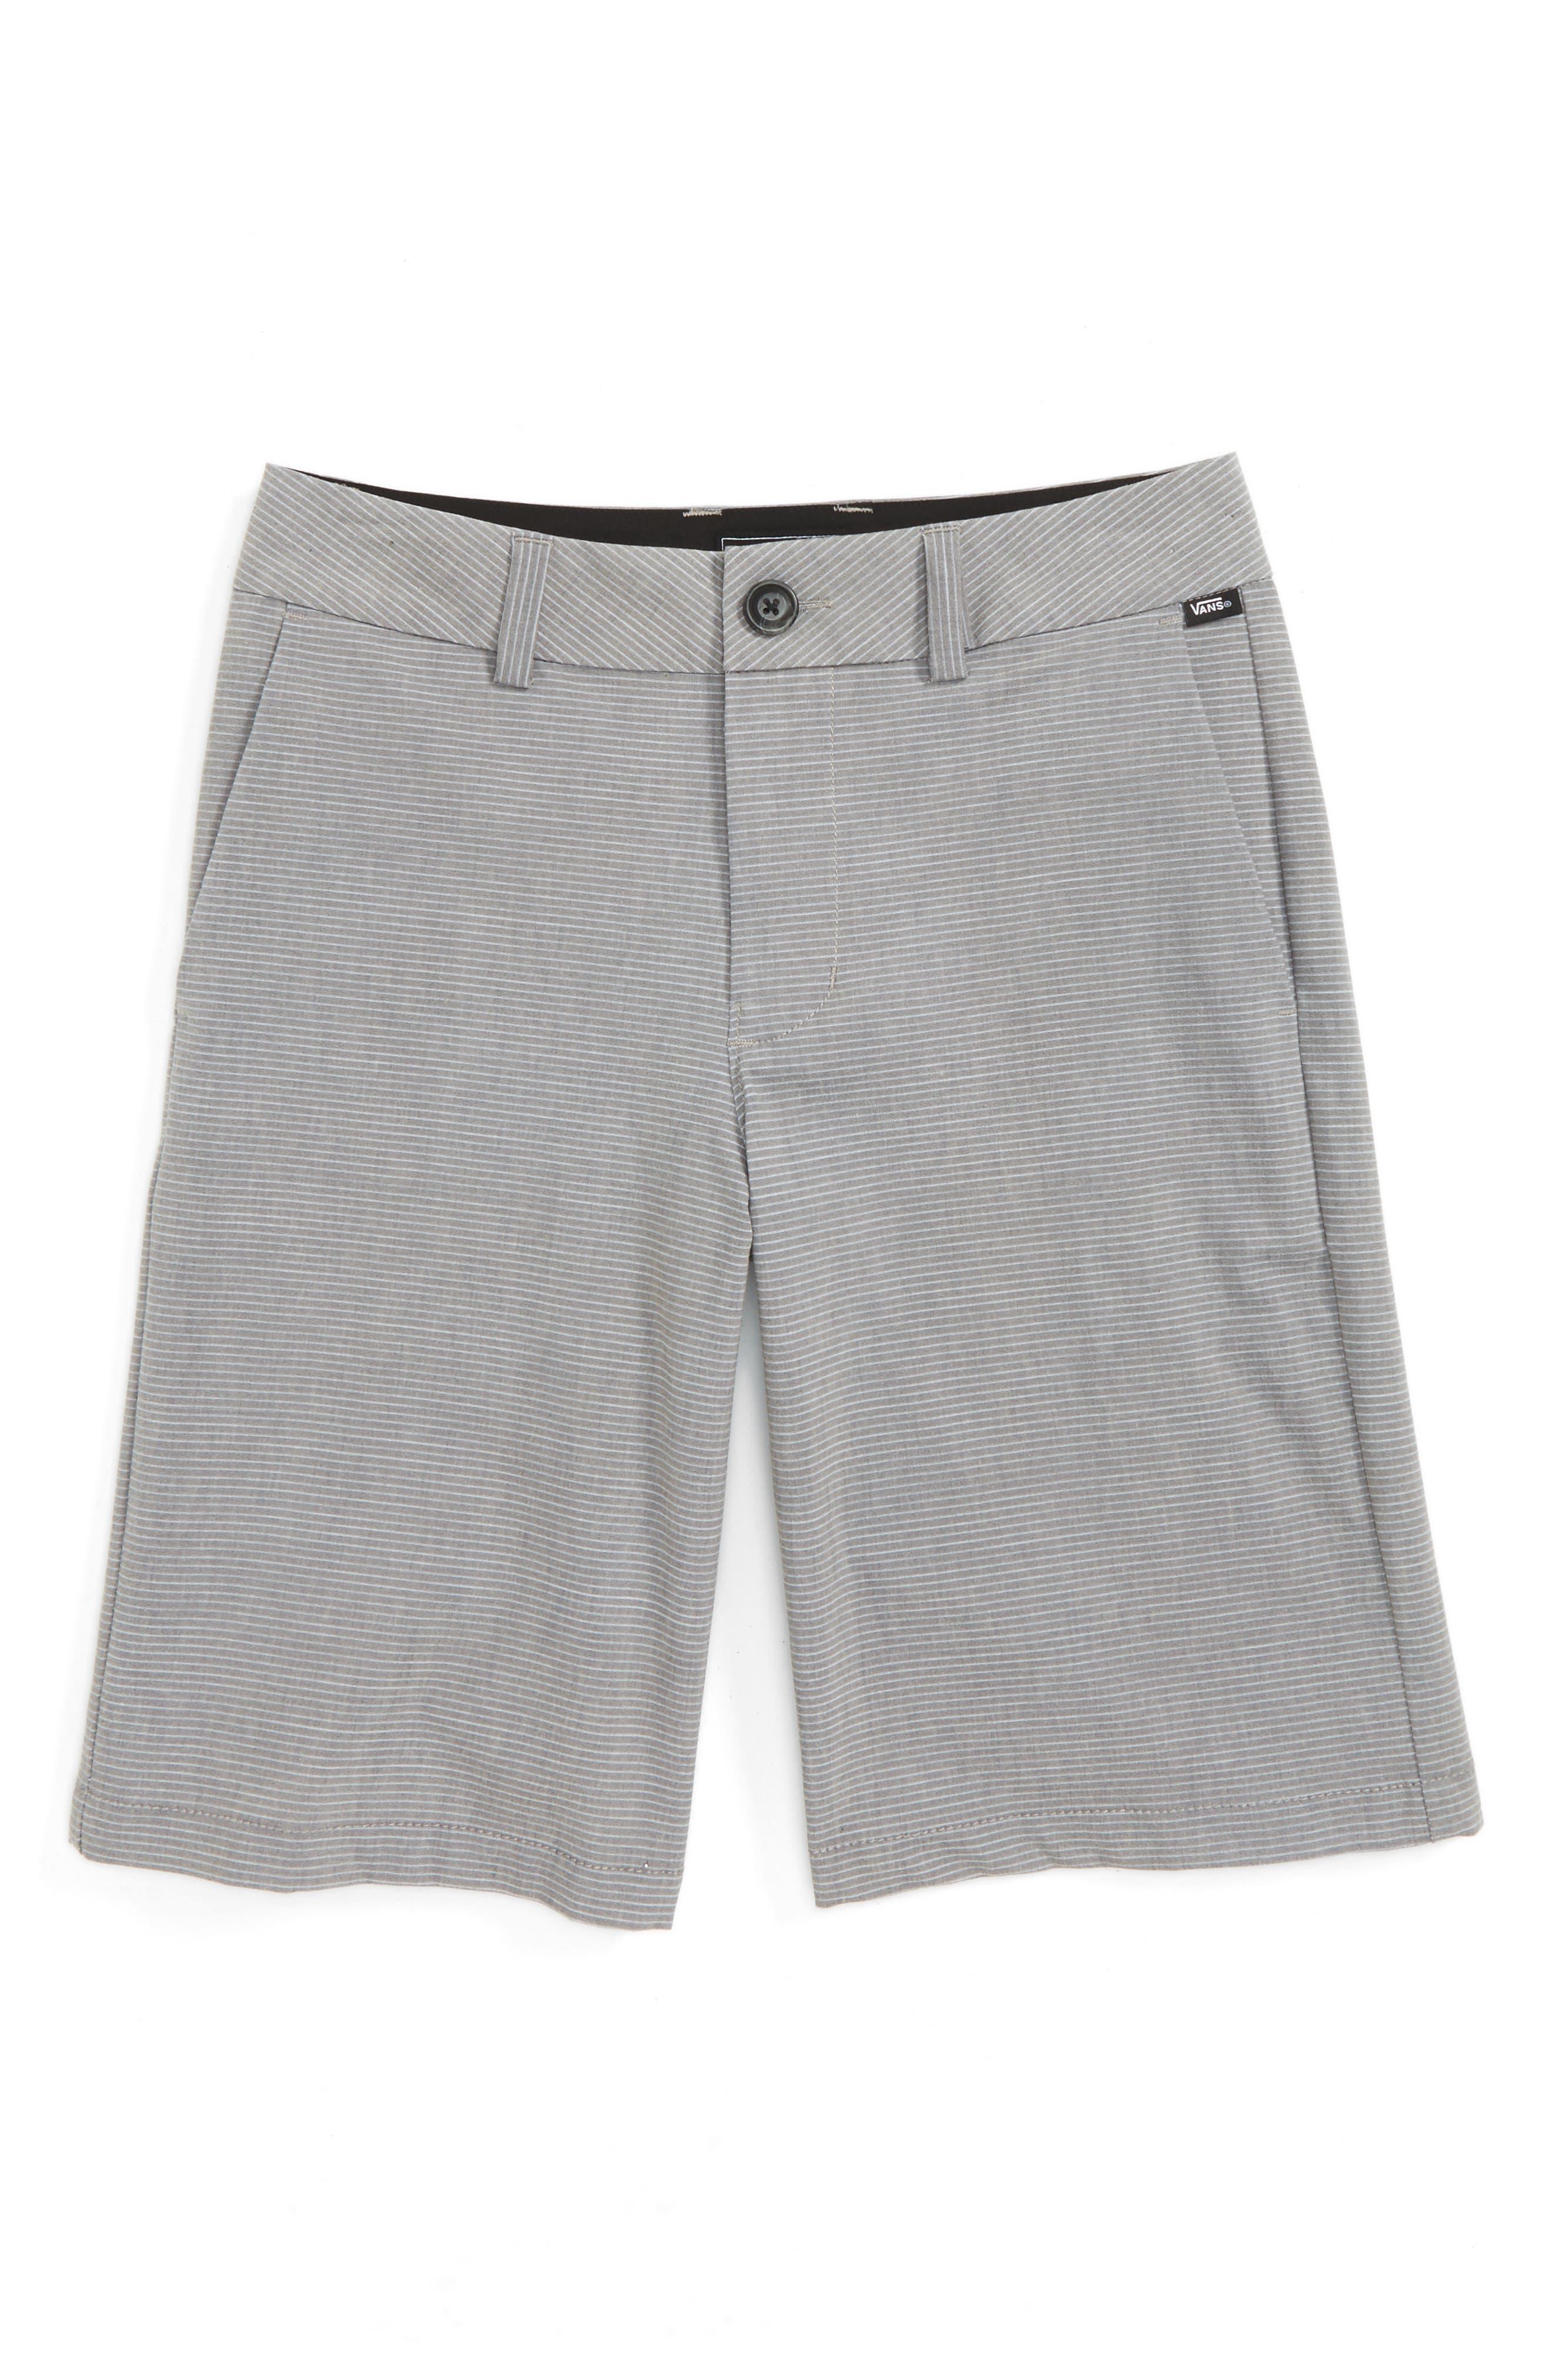 VANS Barlin Decksider Shorts